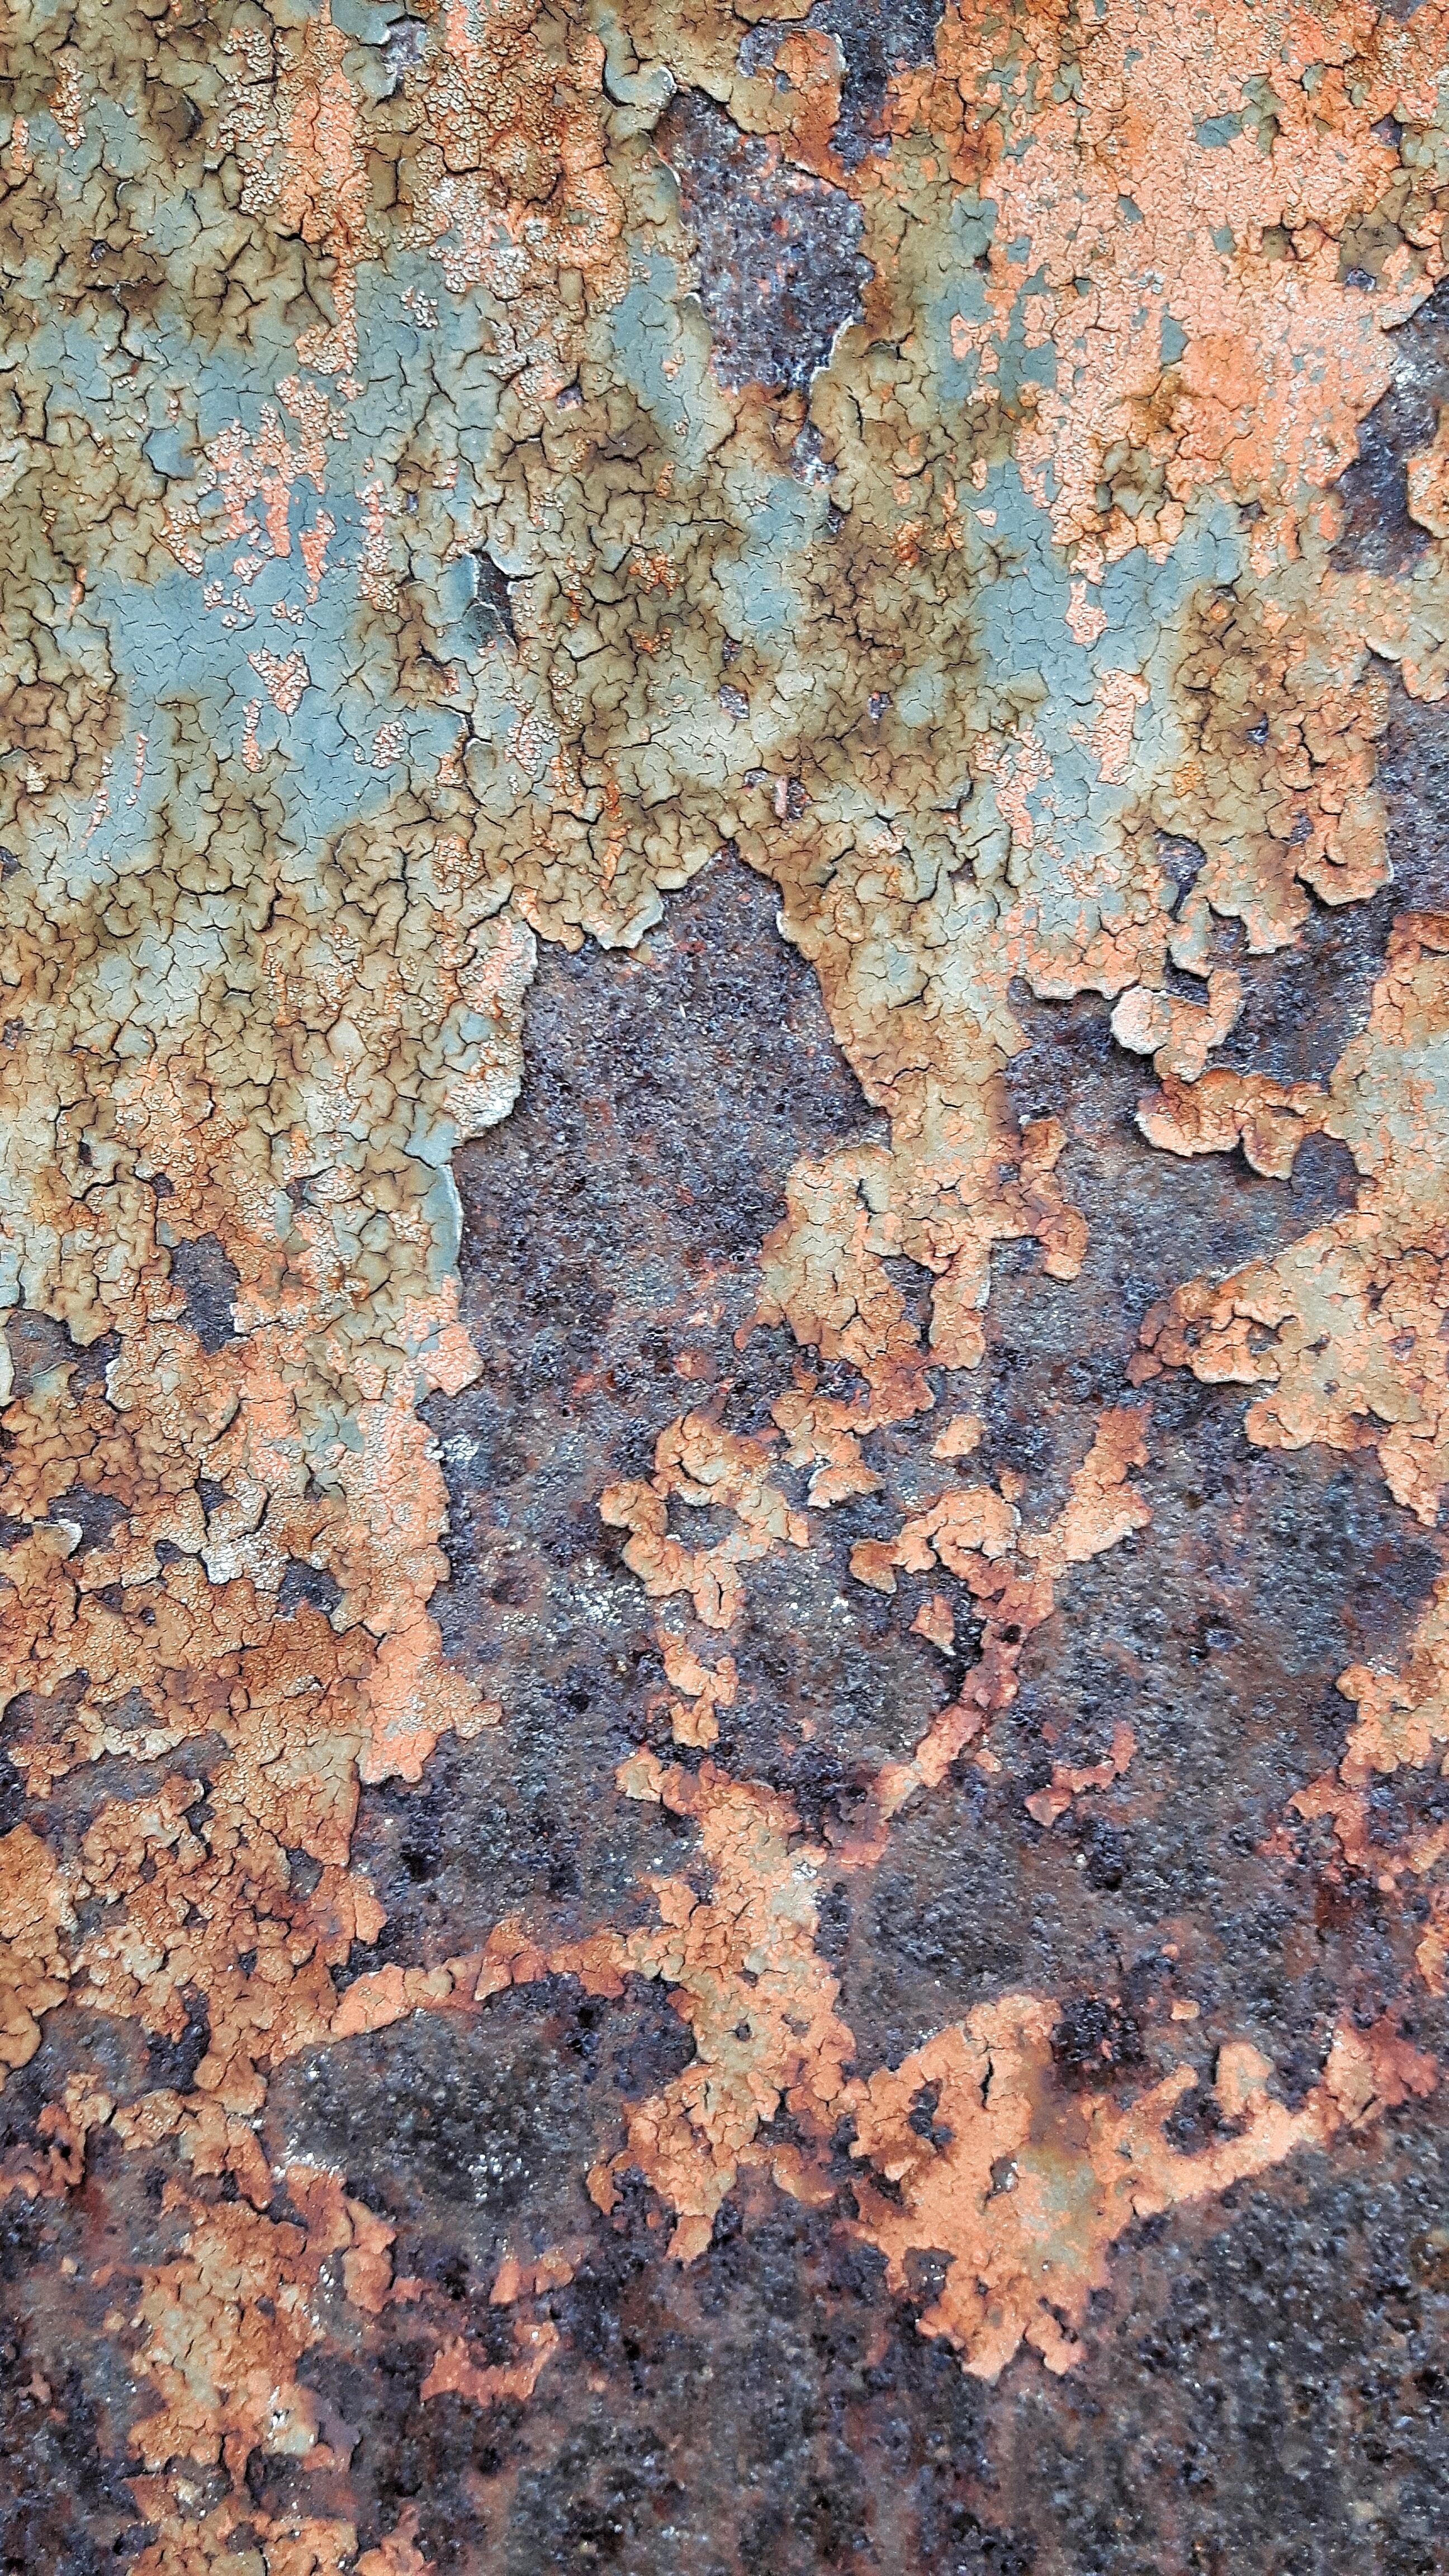 Kostenlose foto : Rock, Textur, Stock, Mauer, Rost, Farbe, Boden ...